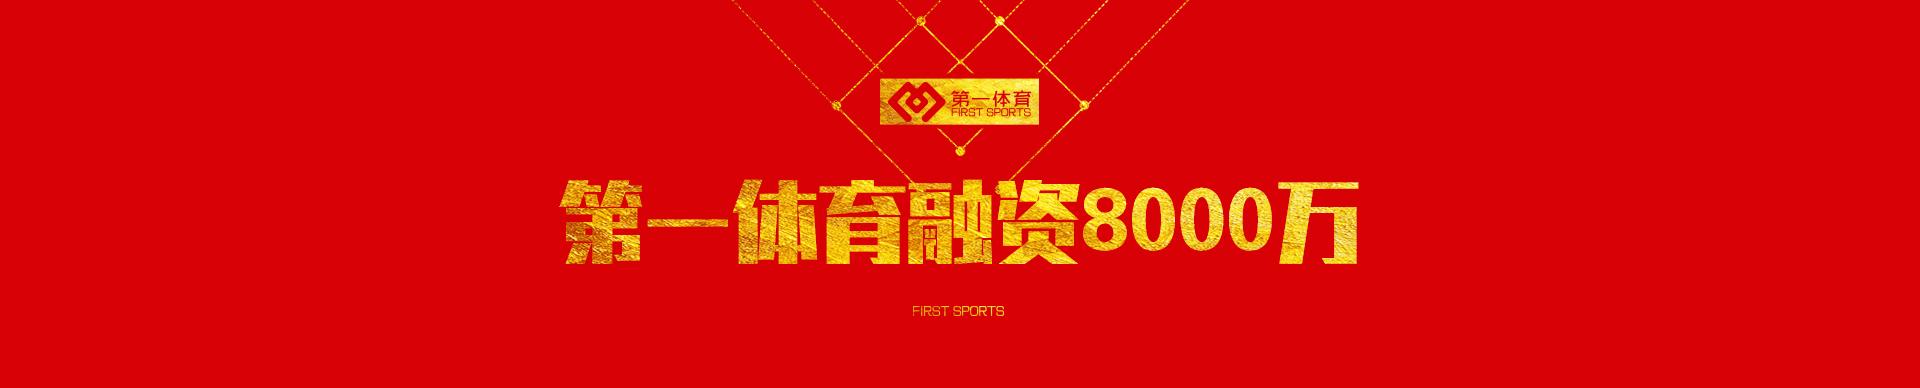 第一体育融资8000万